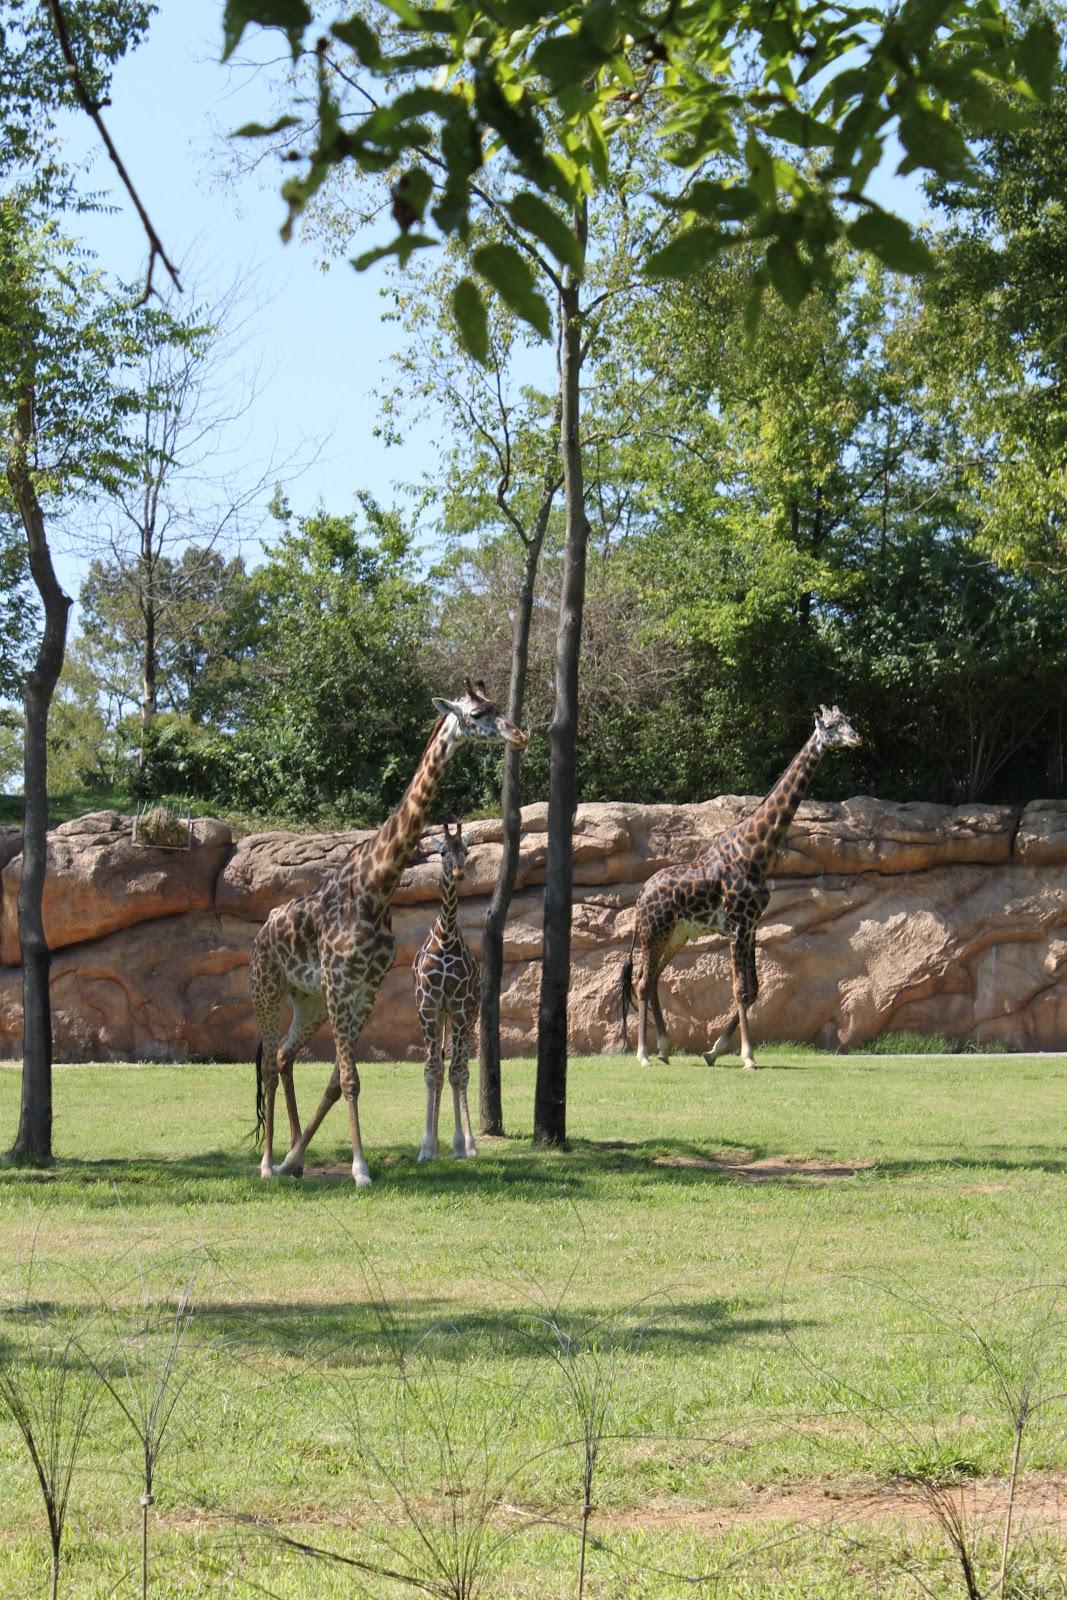 zoo i Sjælland coop fotobog